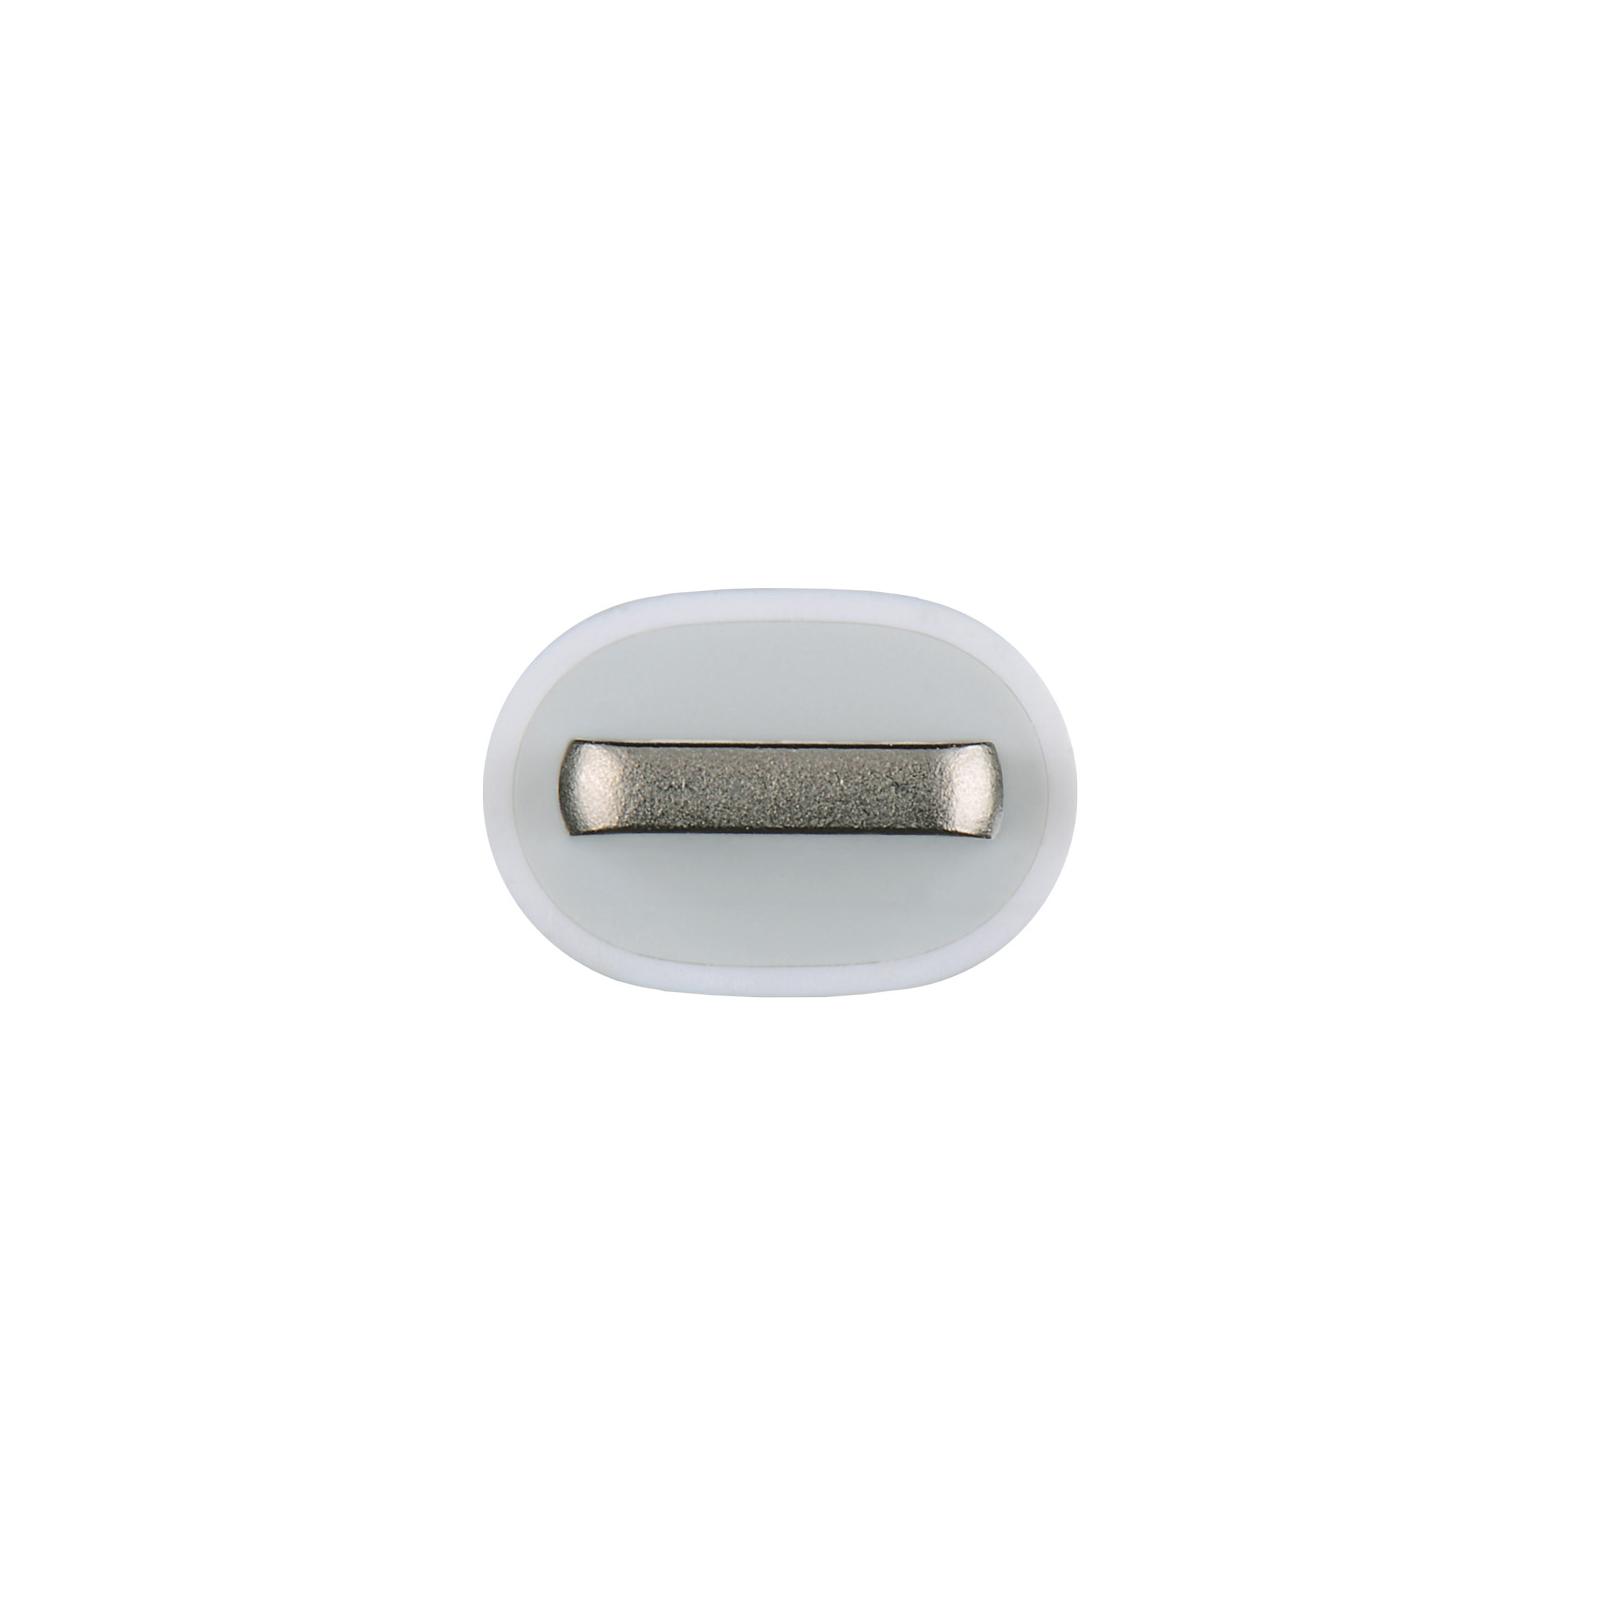 Переходник Apple Lightning to USB Camera для iPad (MD821ZM/A) изображение 3